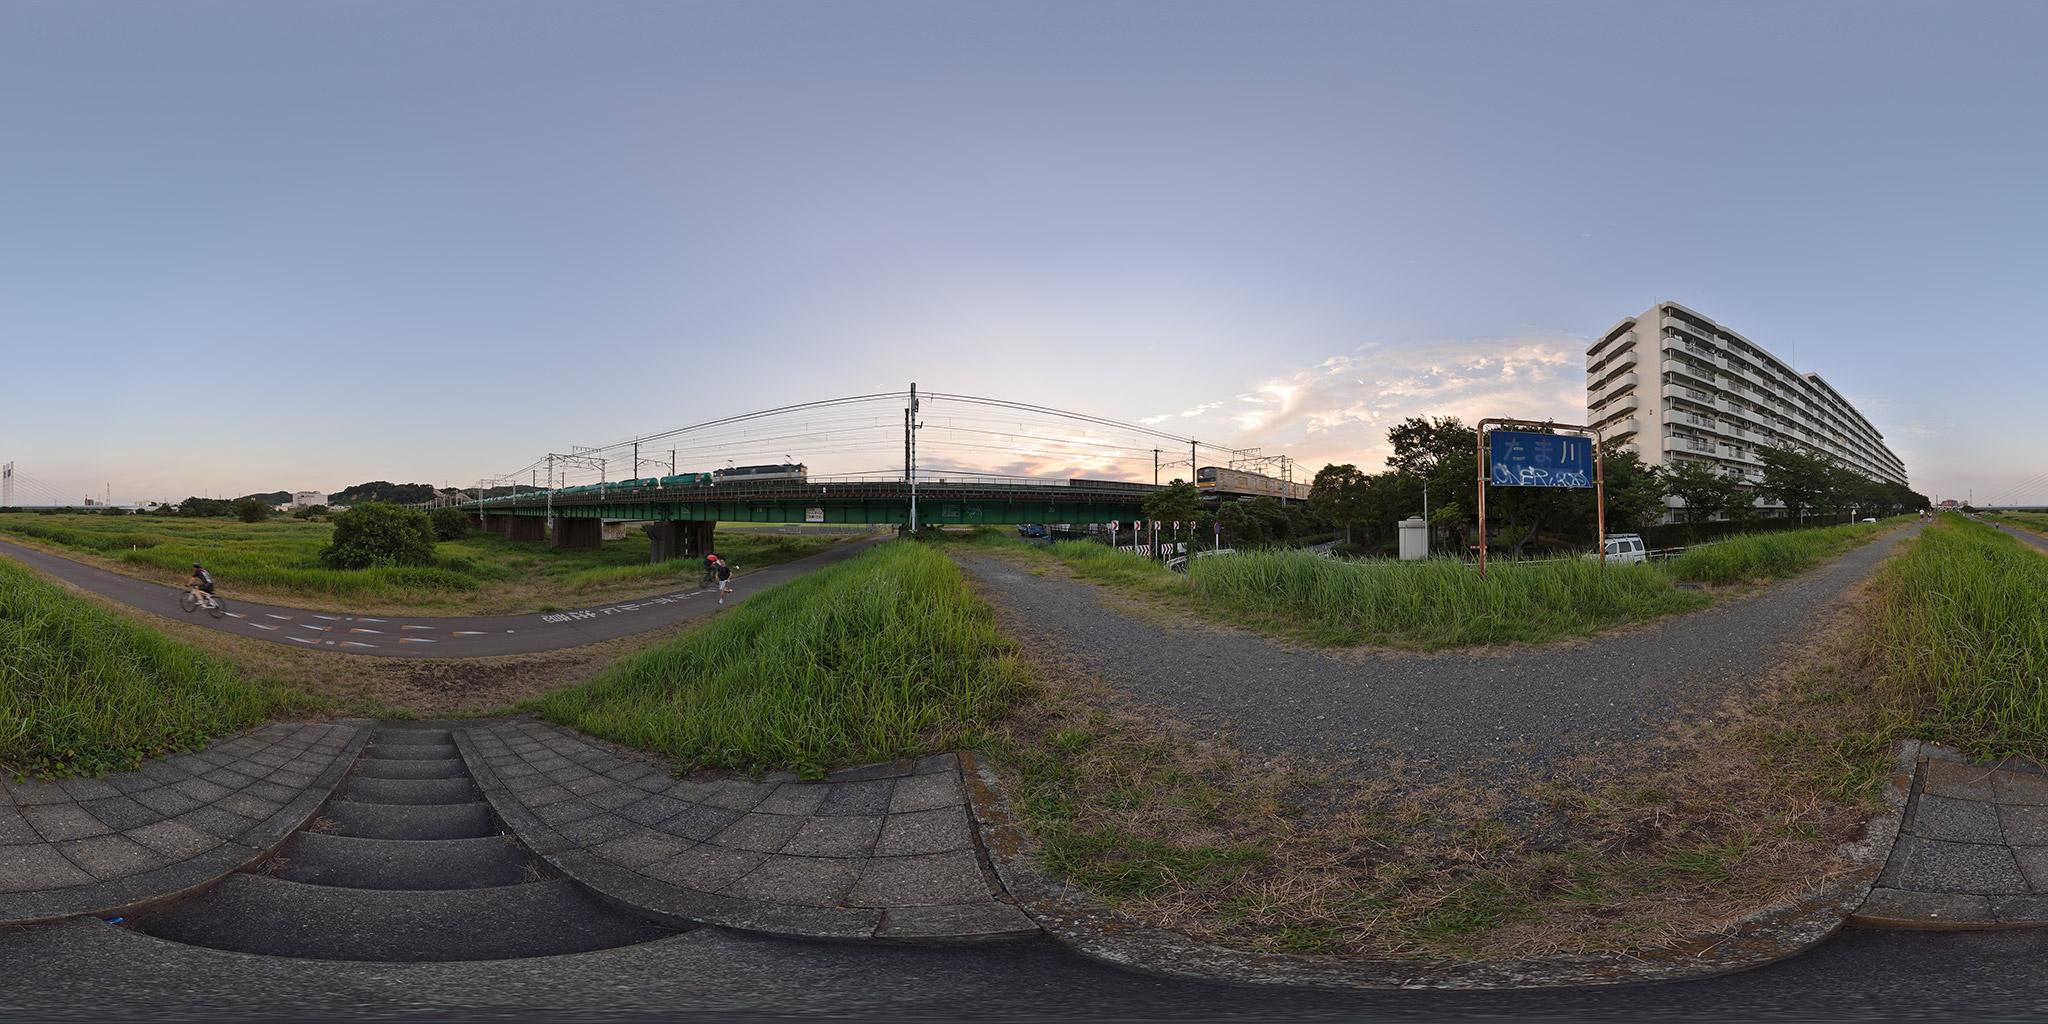 多摩川橋梁を渡る南武線と武蔵野貨物線